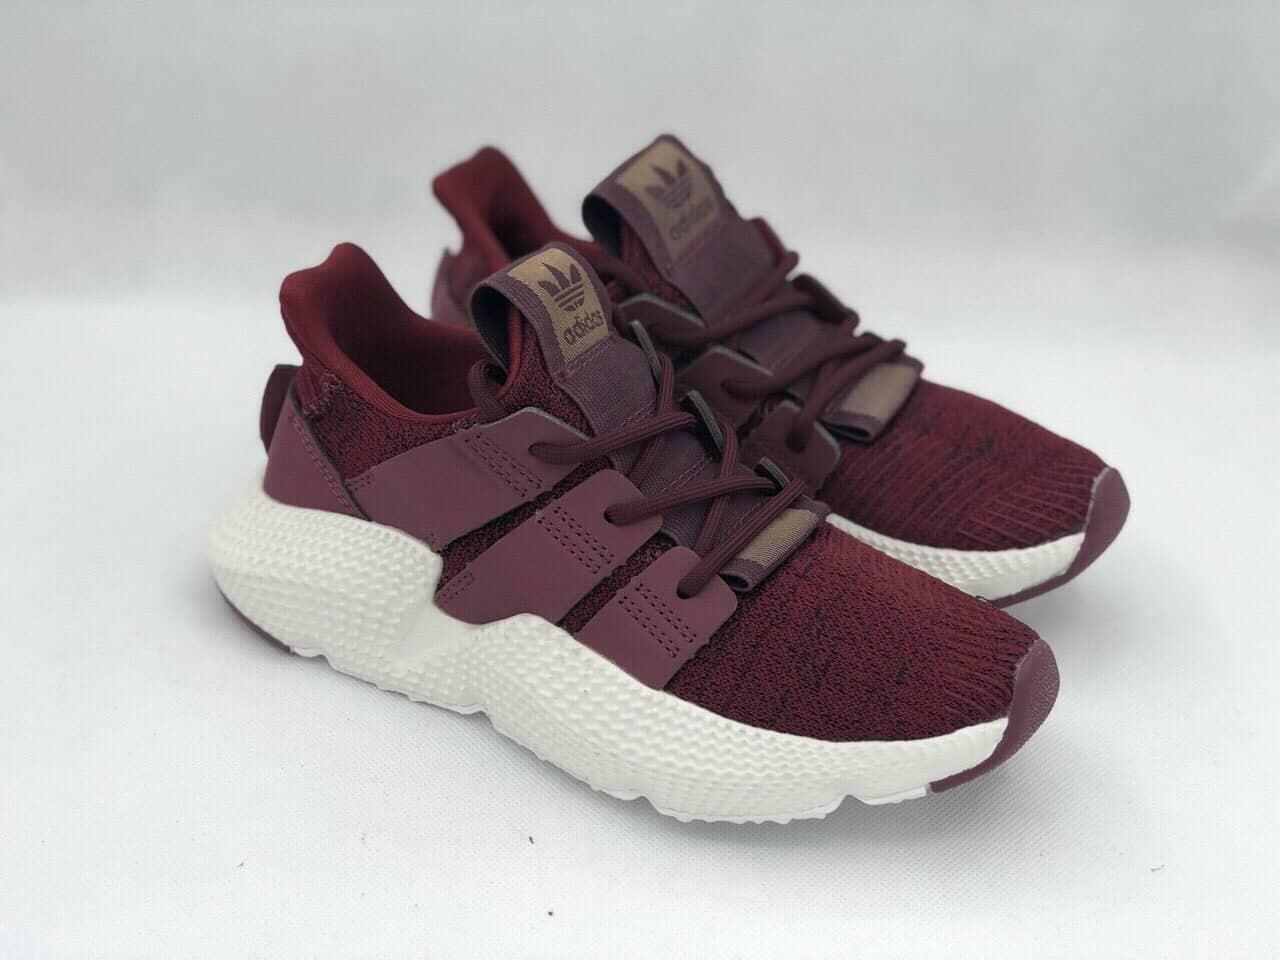 Phong cách phối đồ cá tính và ấn tượng với giày Prophere Adidas Đỏ Mận replica